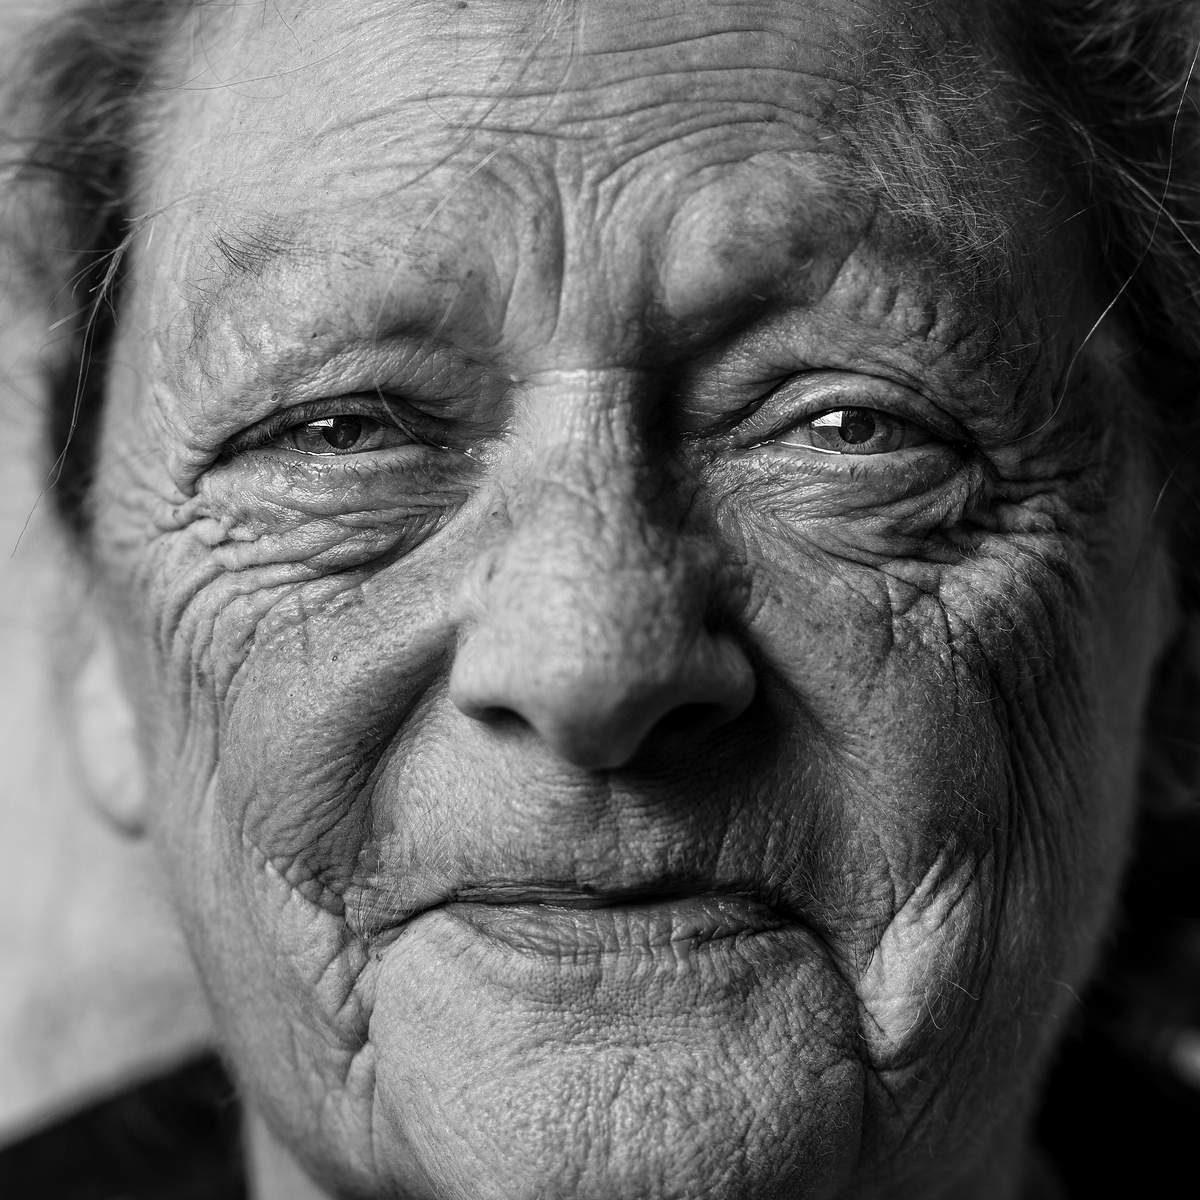 Gesicht mit Geschichte. Foto: Angels Vicente / Unsplash